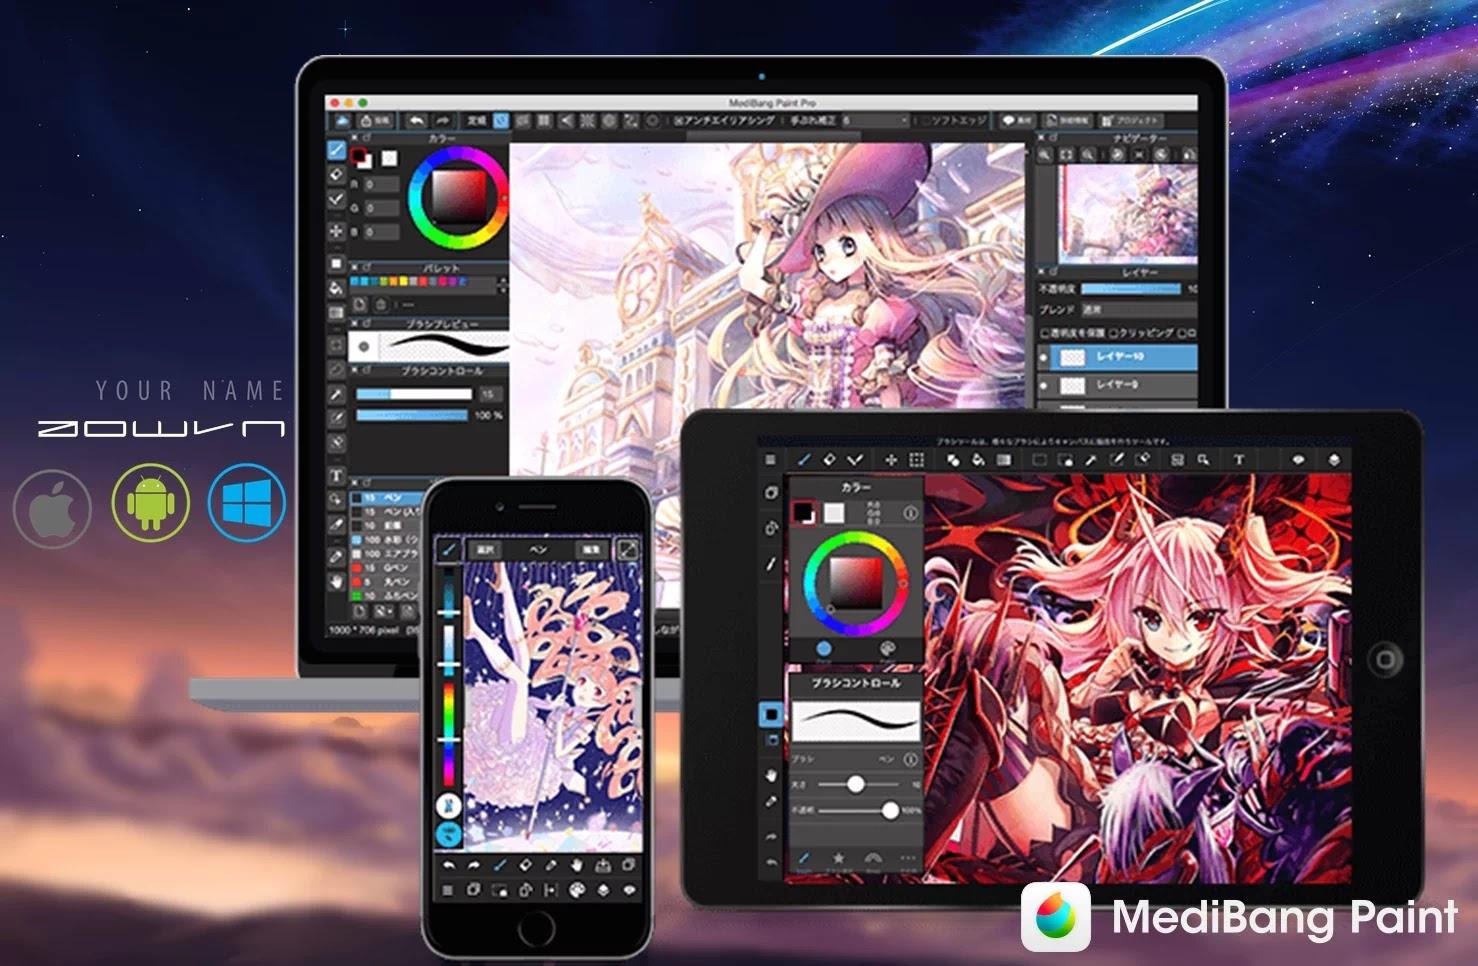 AowVN medibang%2B%252810%2529 - [ HOT ] MediBang Paint - Vẽ manga , anime mọi lúc mọi nơi trên Android , IOS và PC | Tiếng Việt